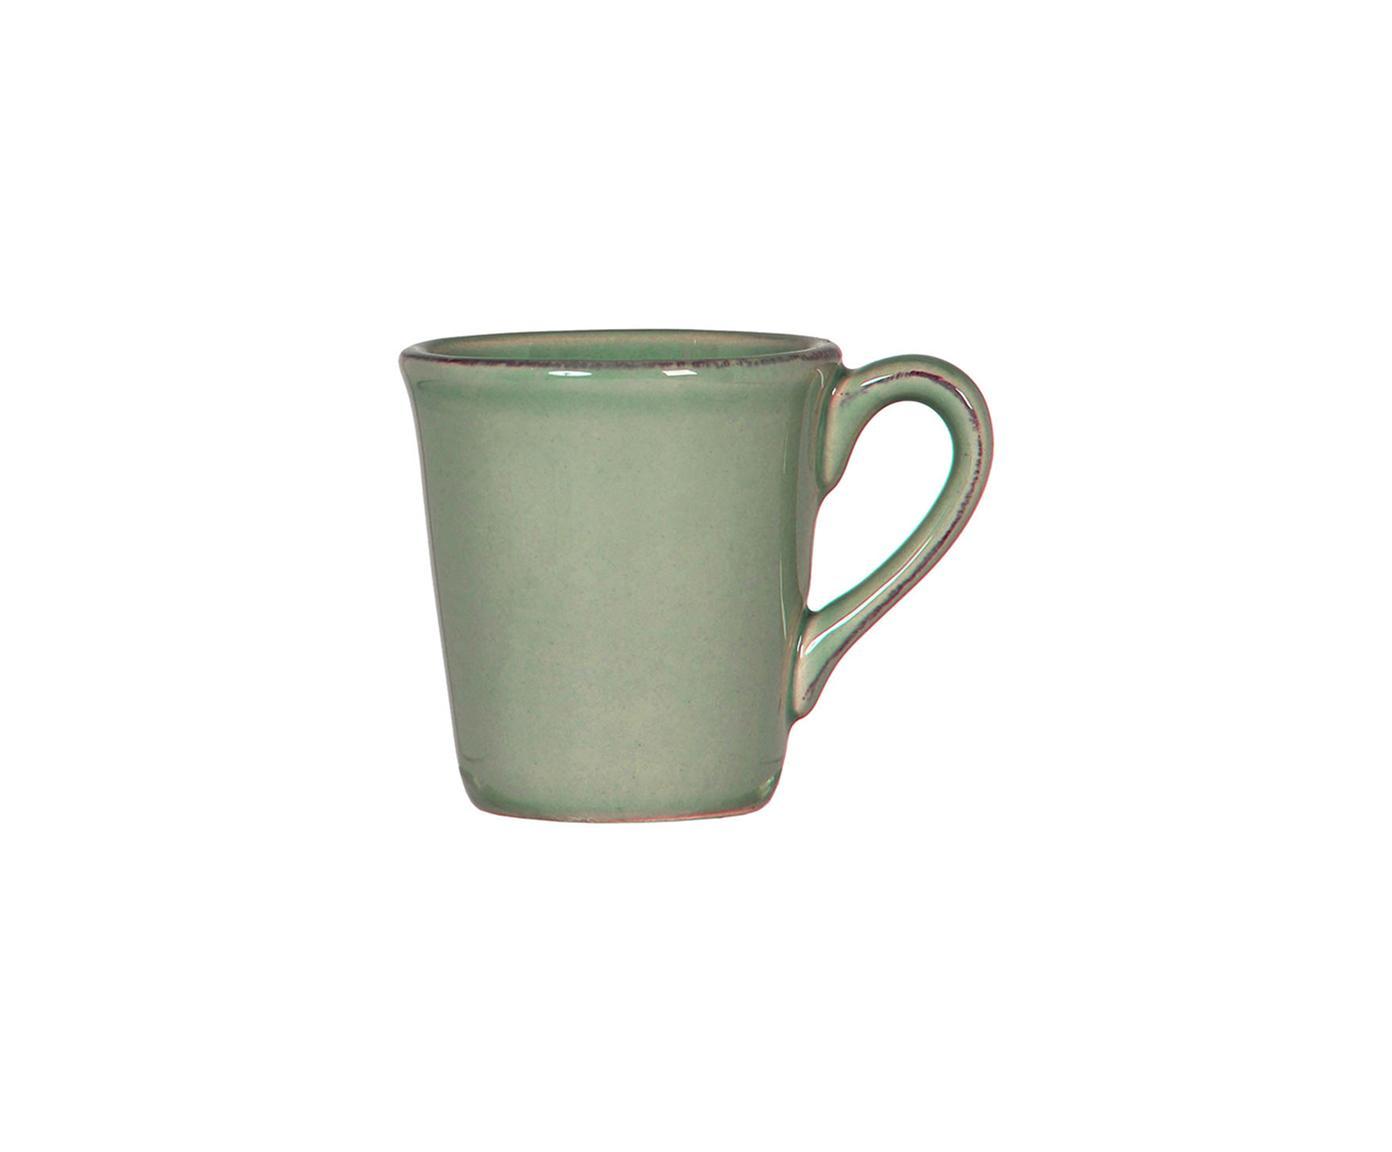 Tazzina caffè verde salvia Constance 2 pz, Ceramica, Verde salvia, Ø 8 x Alt. 6 cm